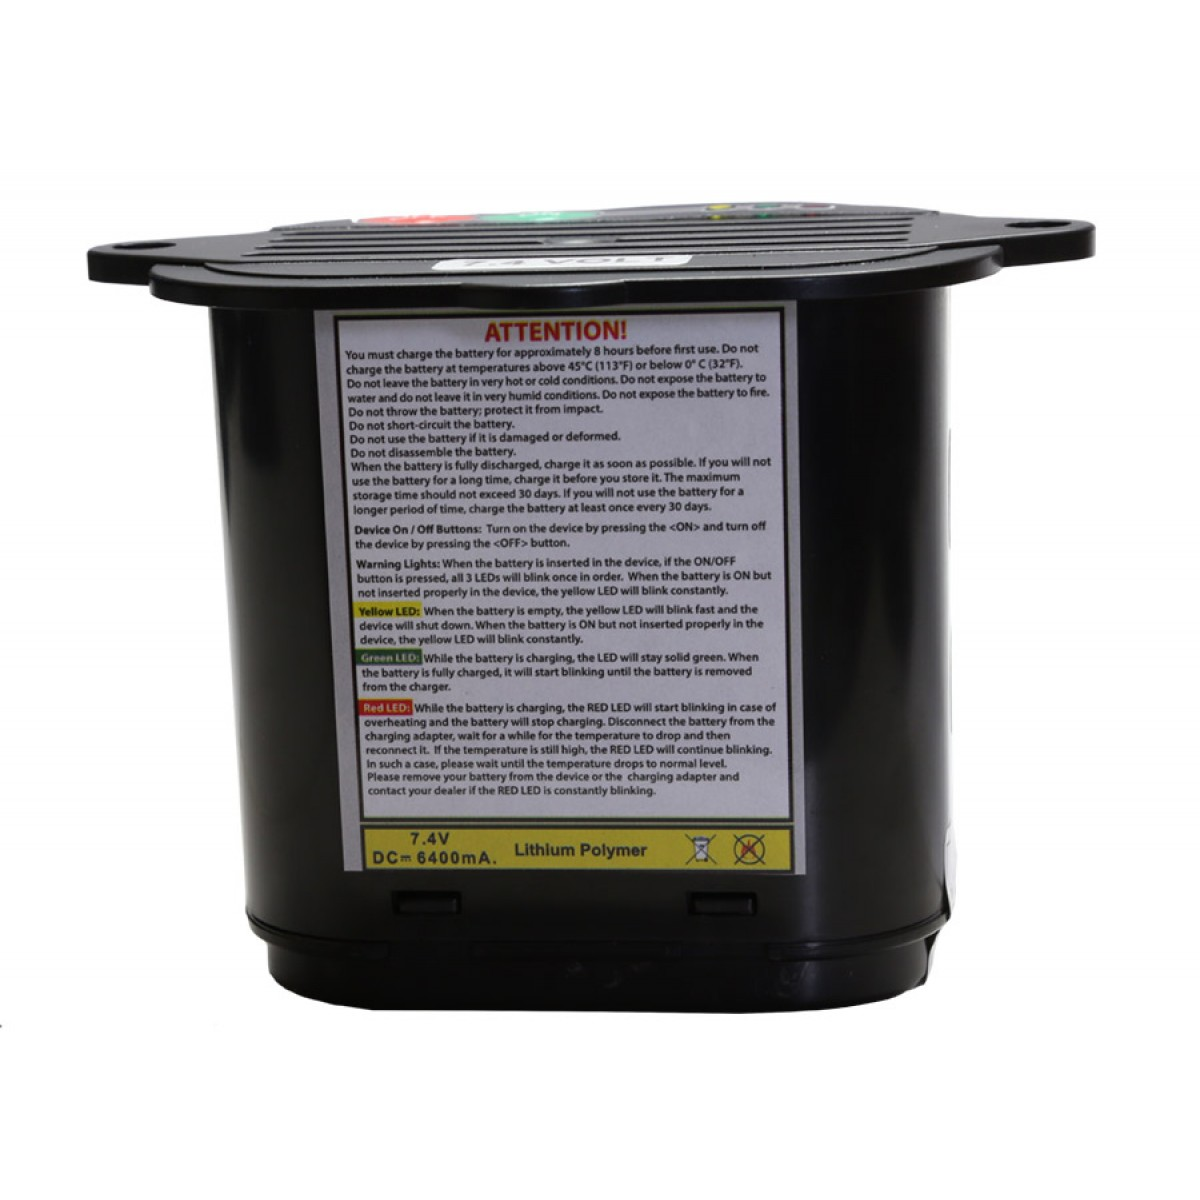 Bateria de polímero de lítio Nokta de 7,4V 6400mAh para Golden King  - Fortuna Detectores de Metais